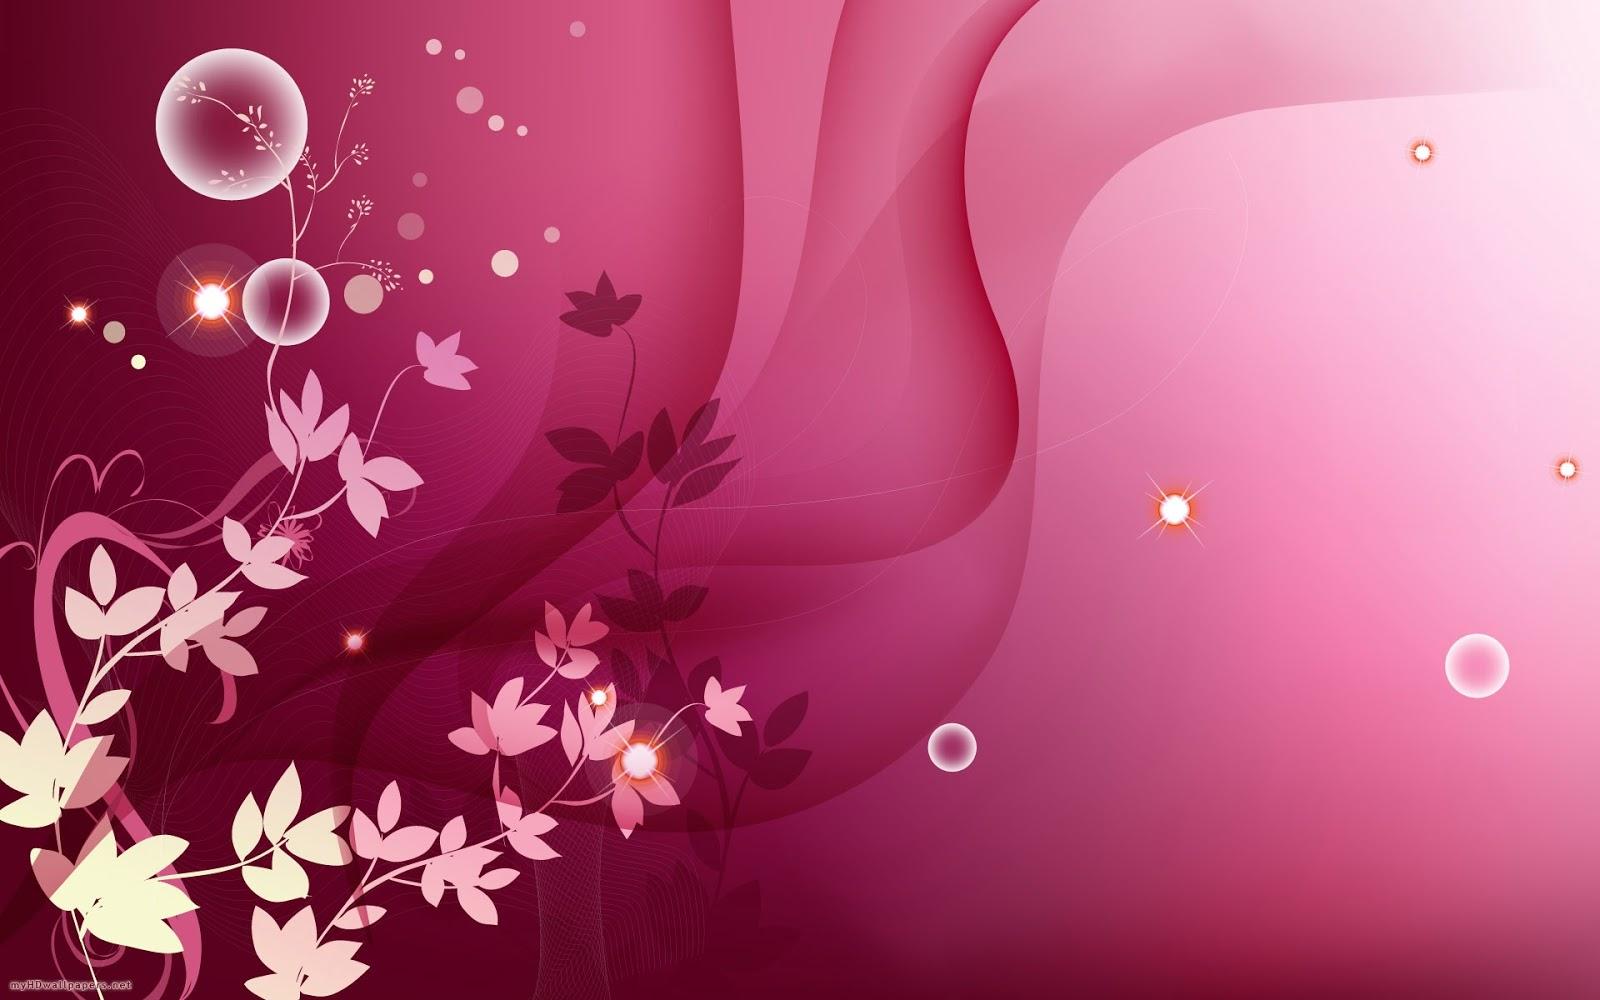 Pink Background HDComputer Wallpaper Wallpaper Downloads 1600x1000